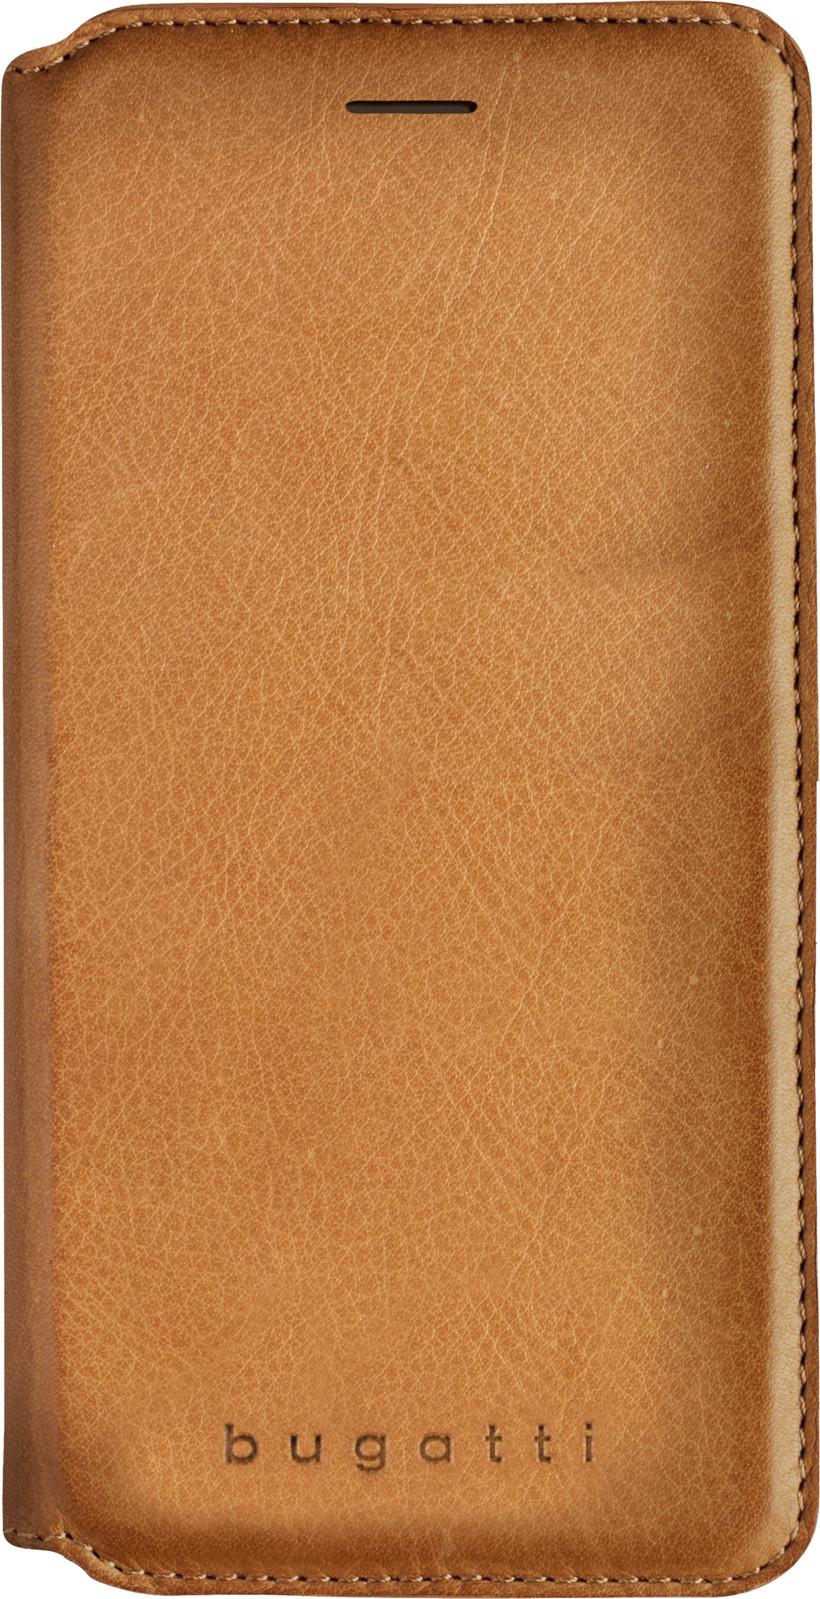 Bugatti Parigi Book Cover (iPhone X/Xs) - Brun